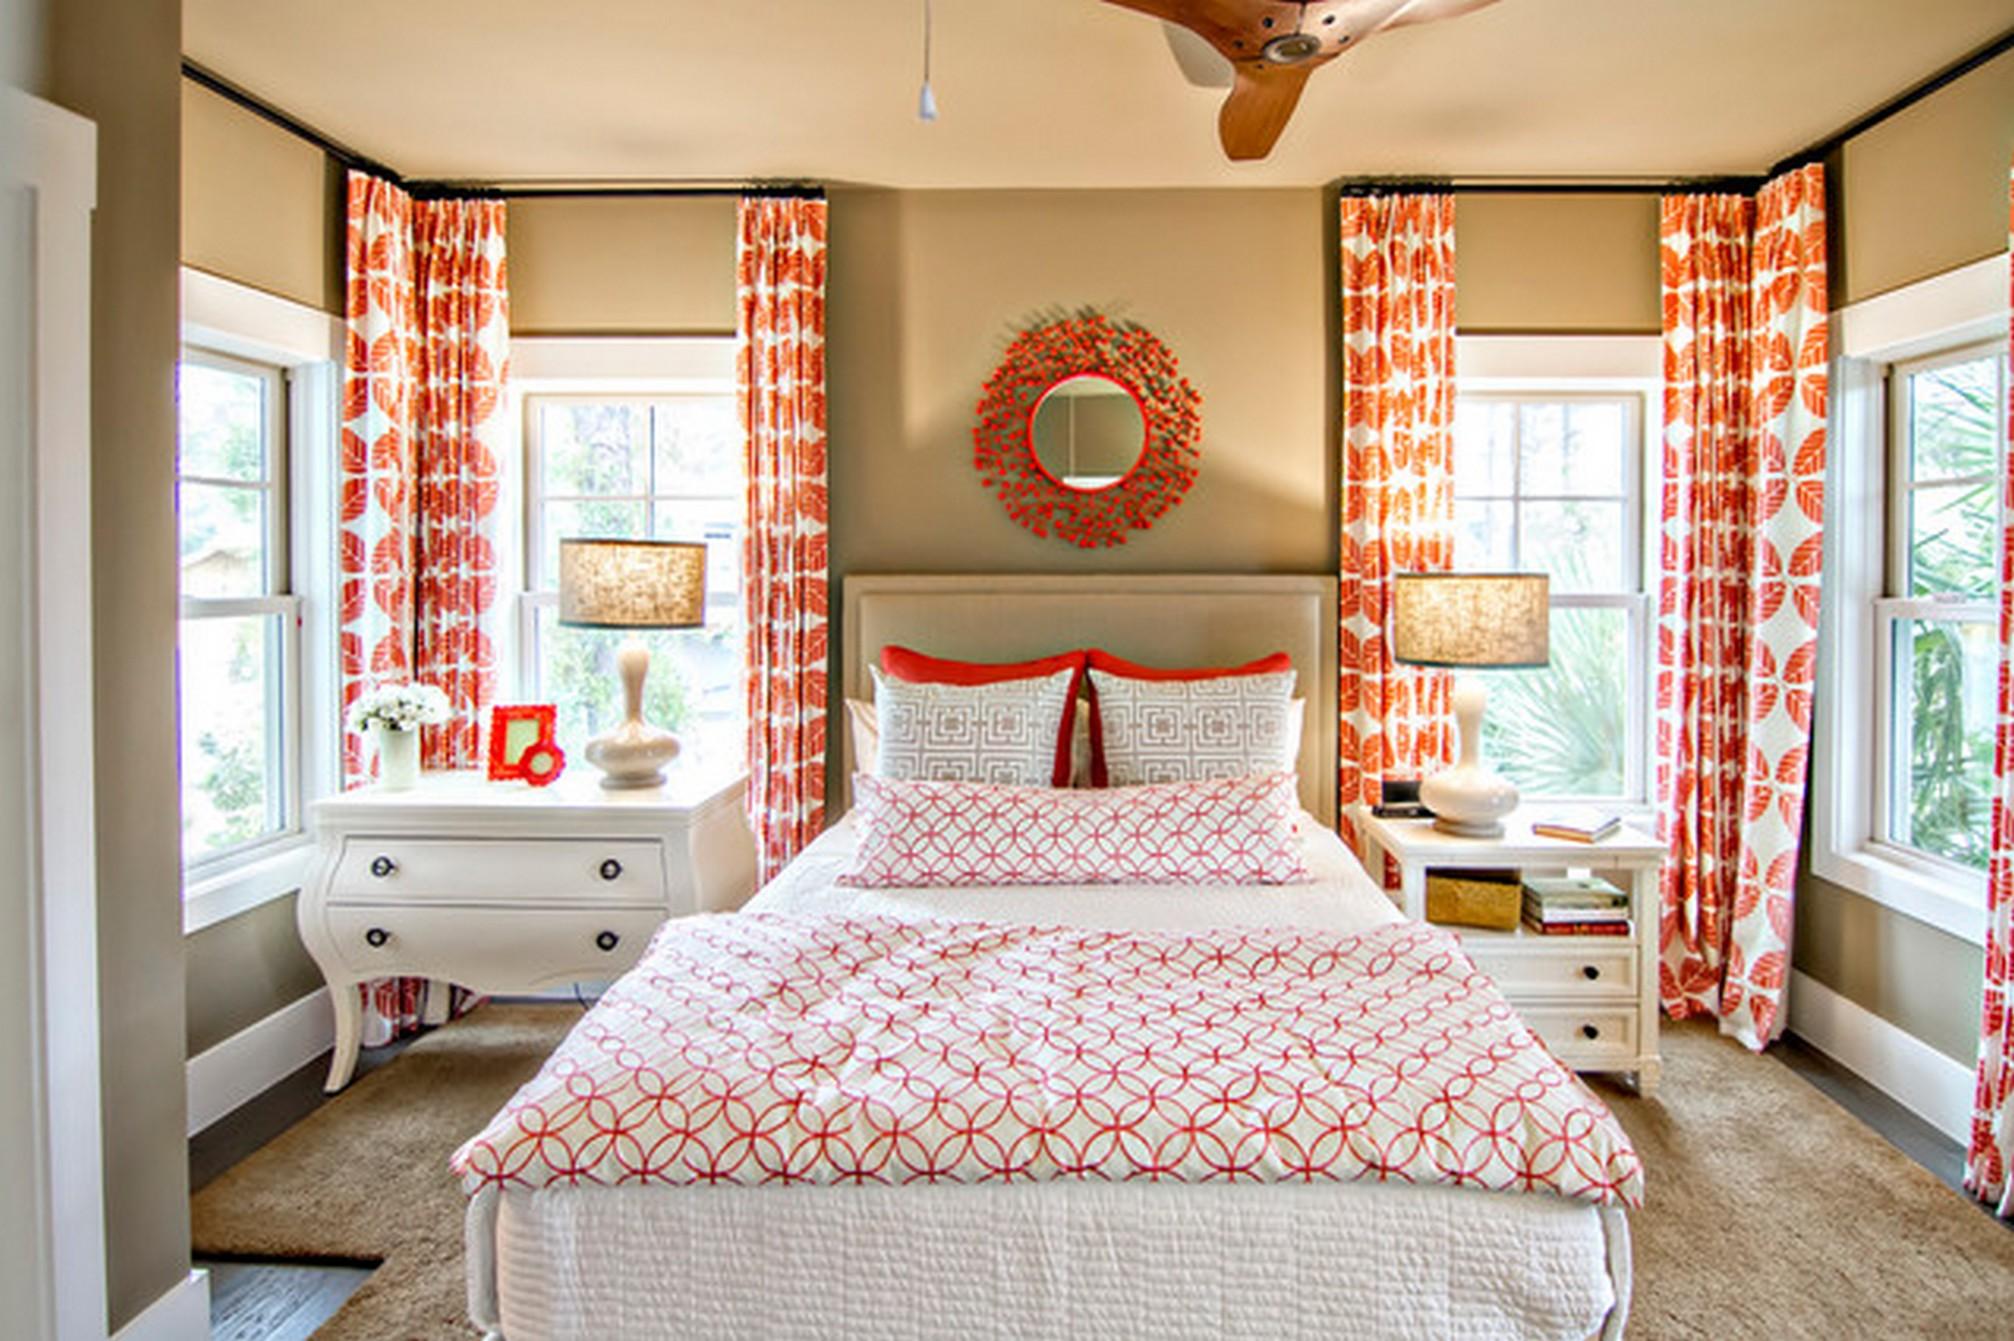 soveværelse-udsmykning-ideer-on-flipboard_contemporary-værelses-loft-design_bedroom_full-size-værelses-sæt-møbler-spejlet-how-to-dekorere-et-piger-smukke-soveværelser-ideer-Feng-Shui